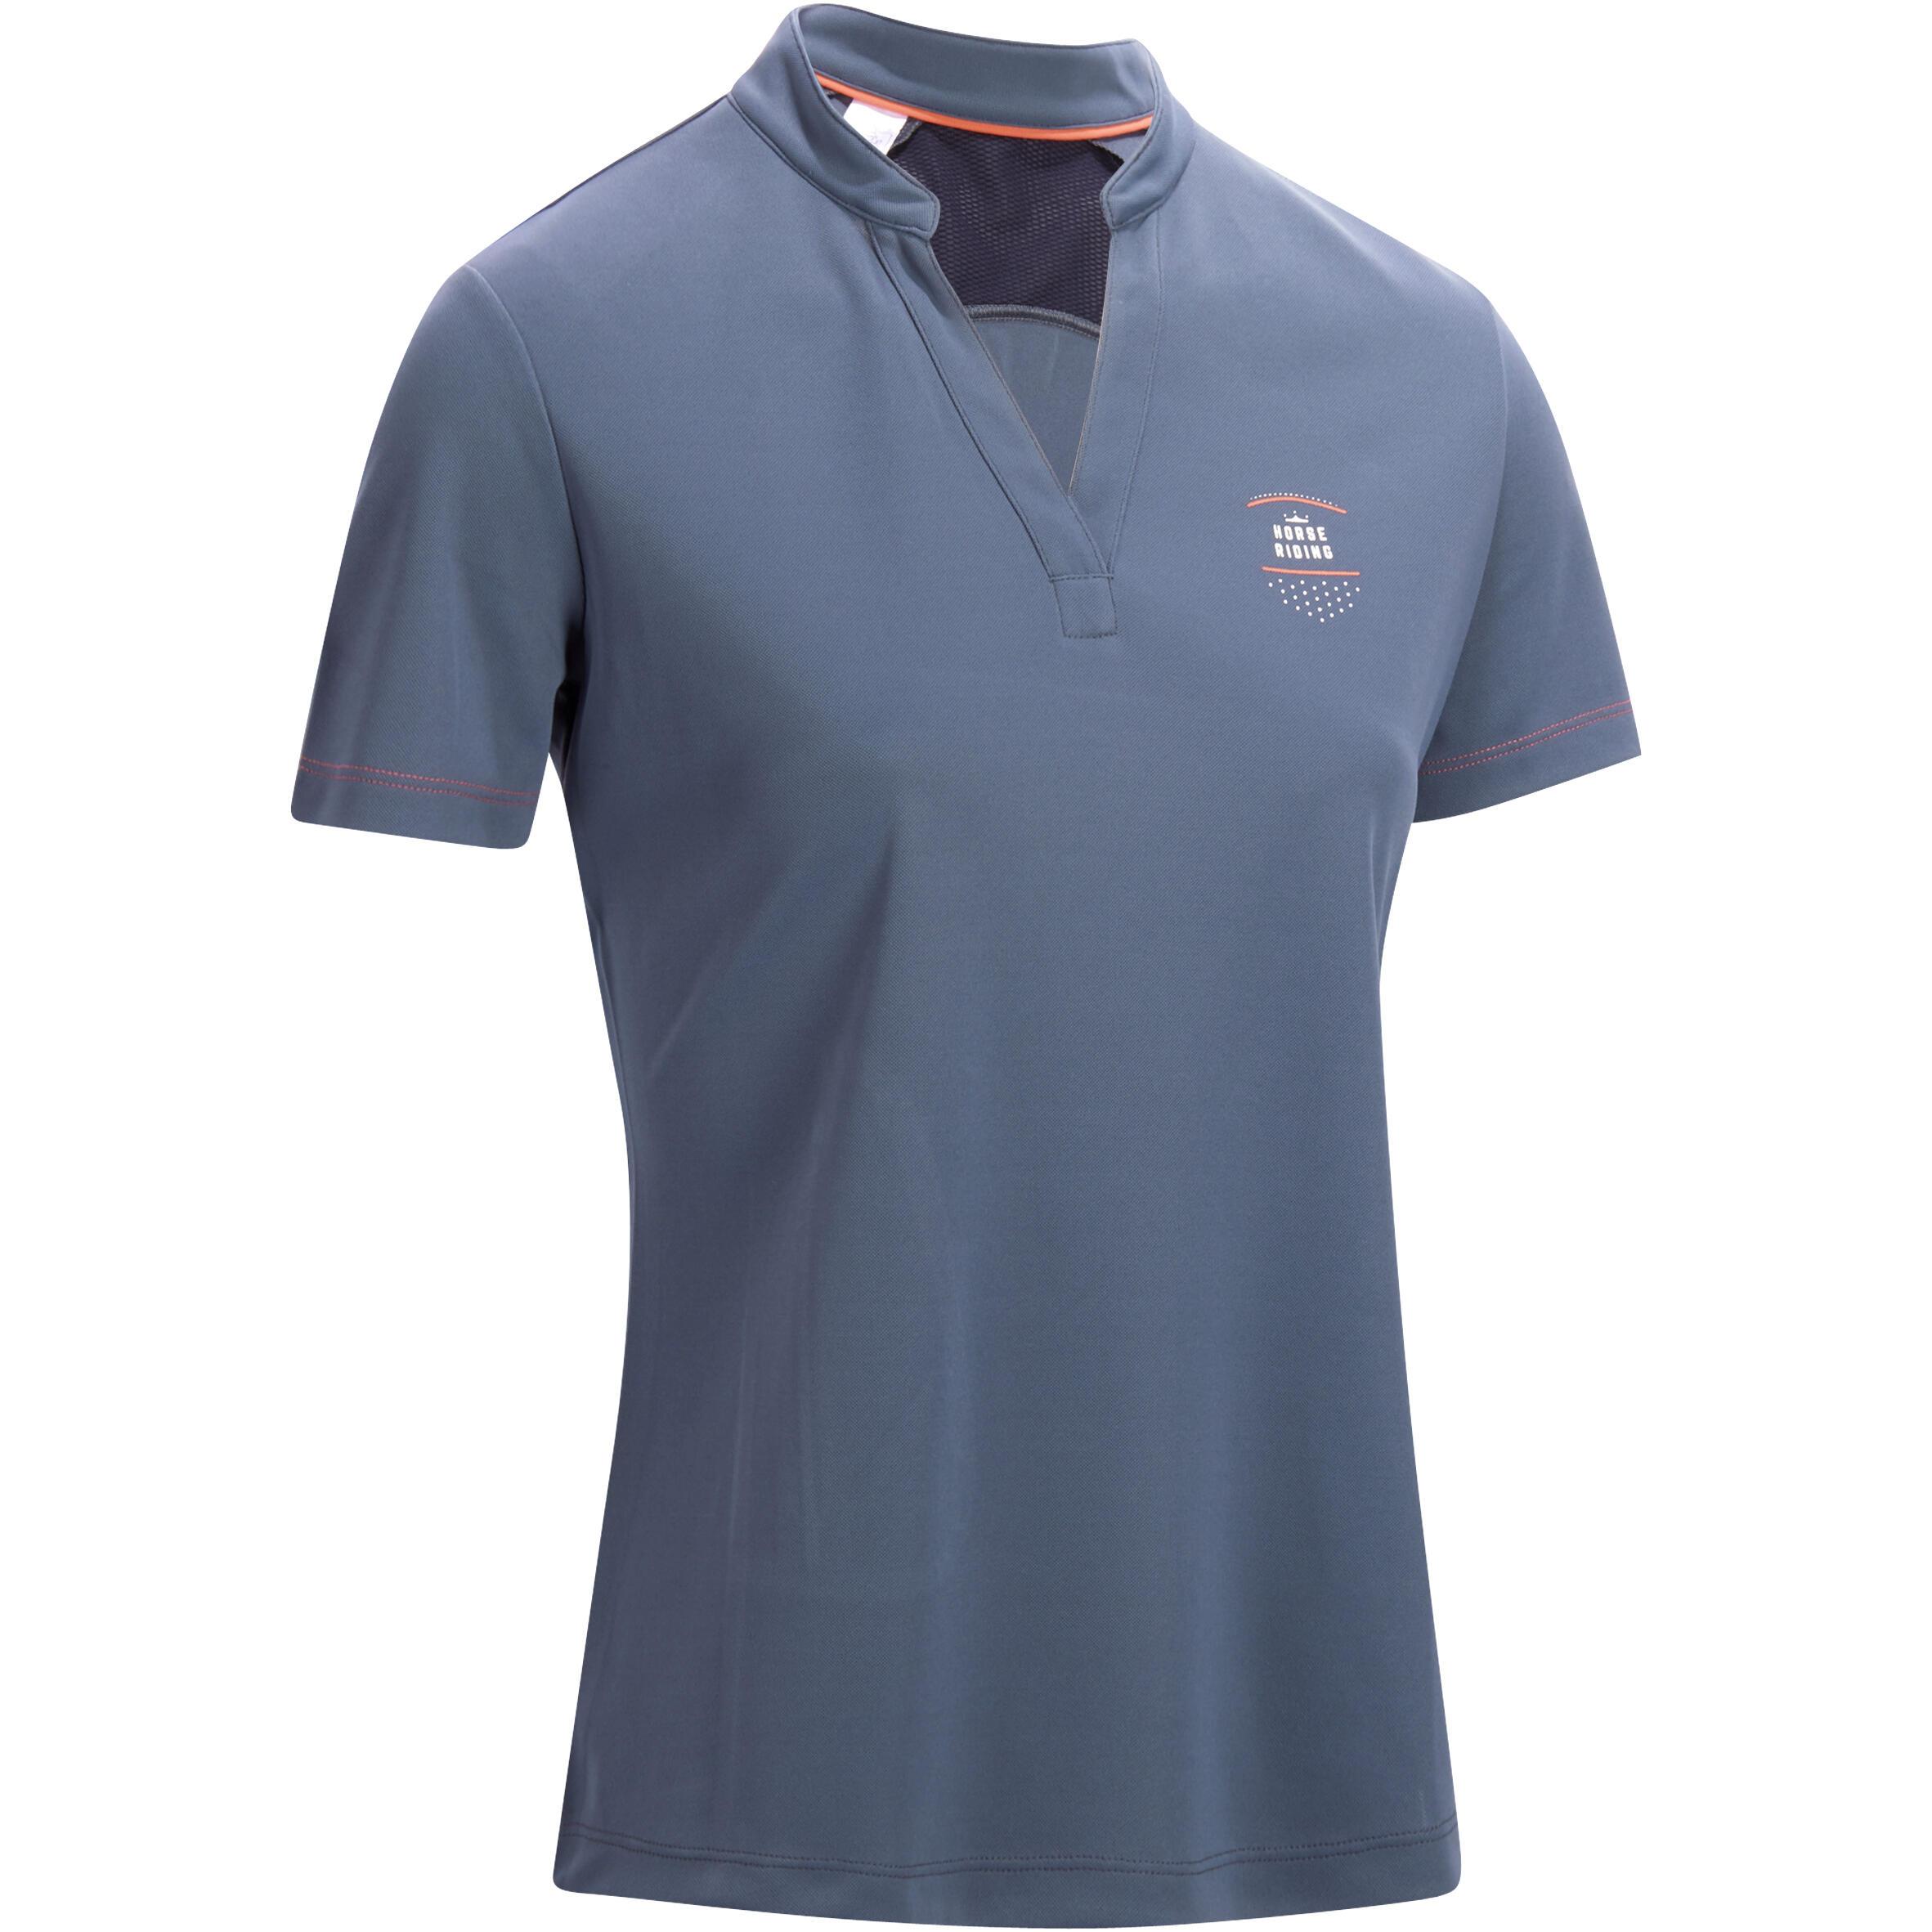 Fouganza Damespolo met korte mouwen ruitersport PL500 mesh grijs en marineblauw